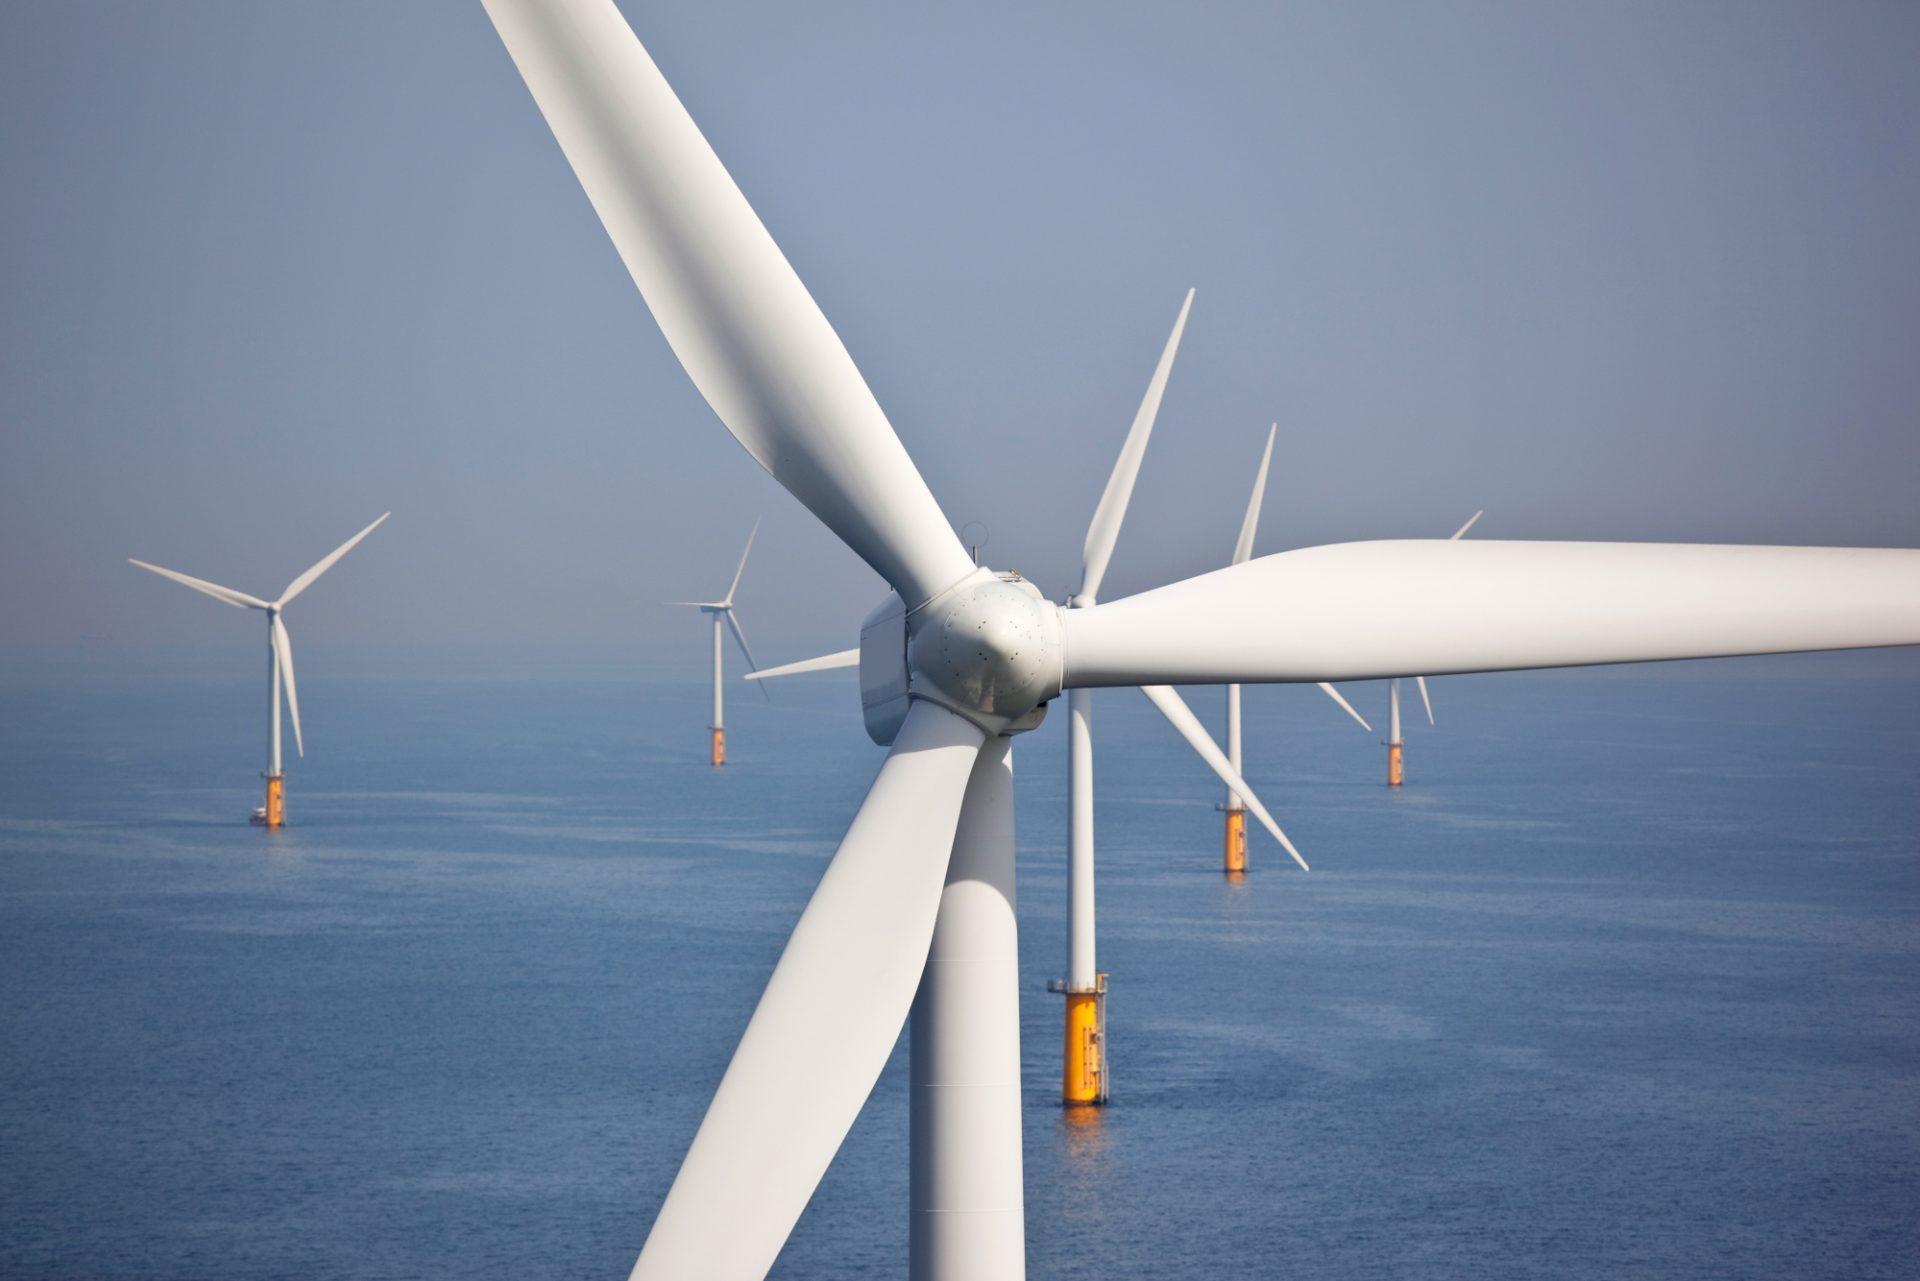 Energie Windmolens zee lucht Istock